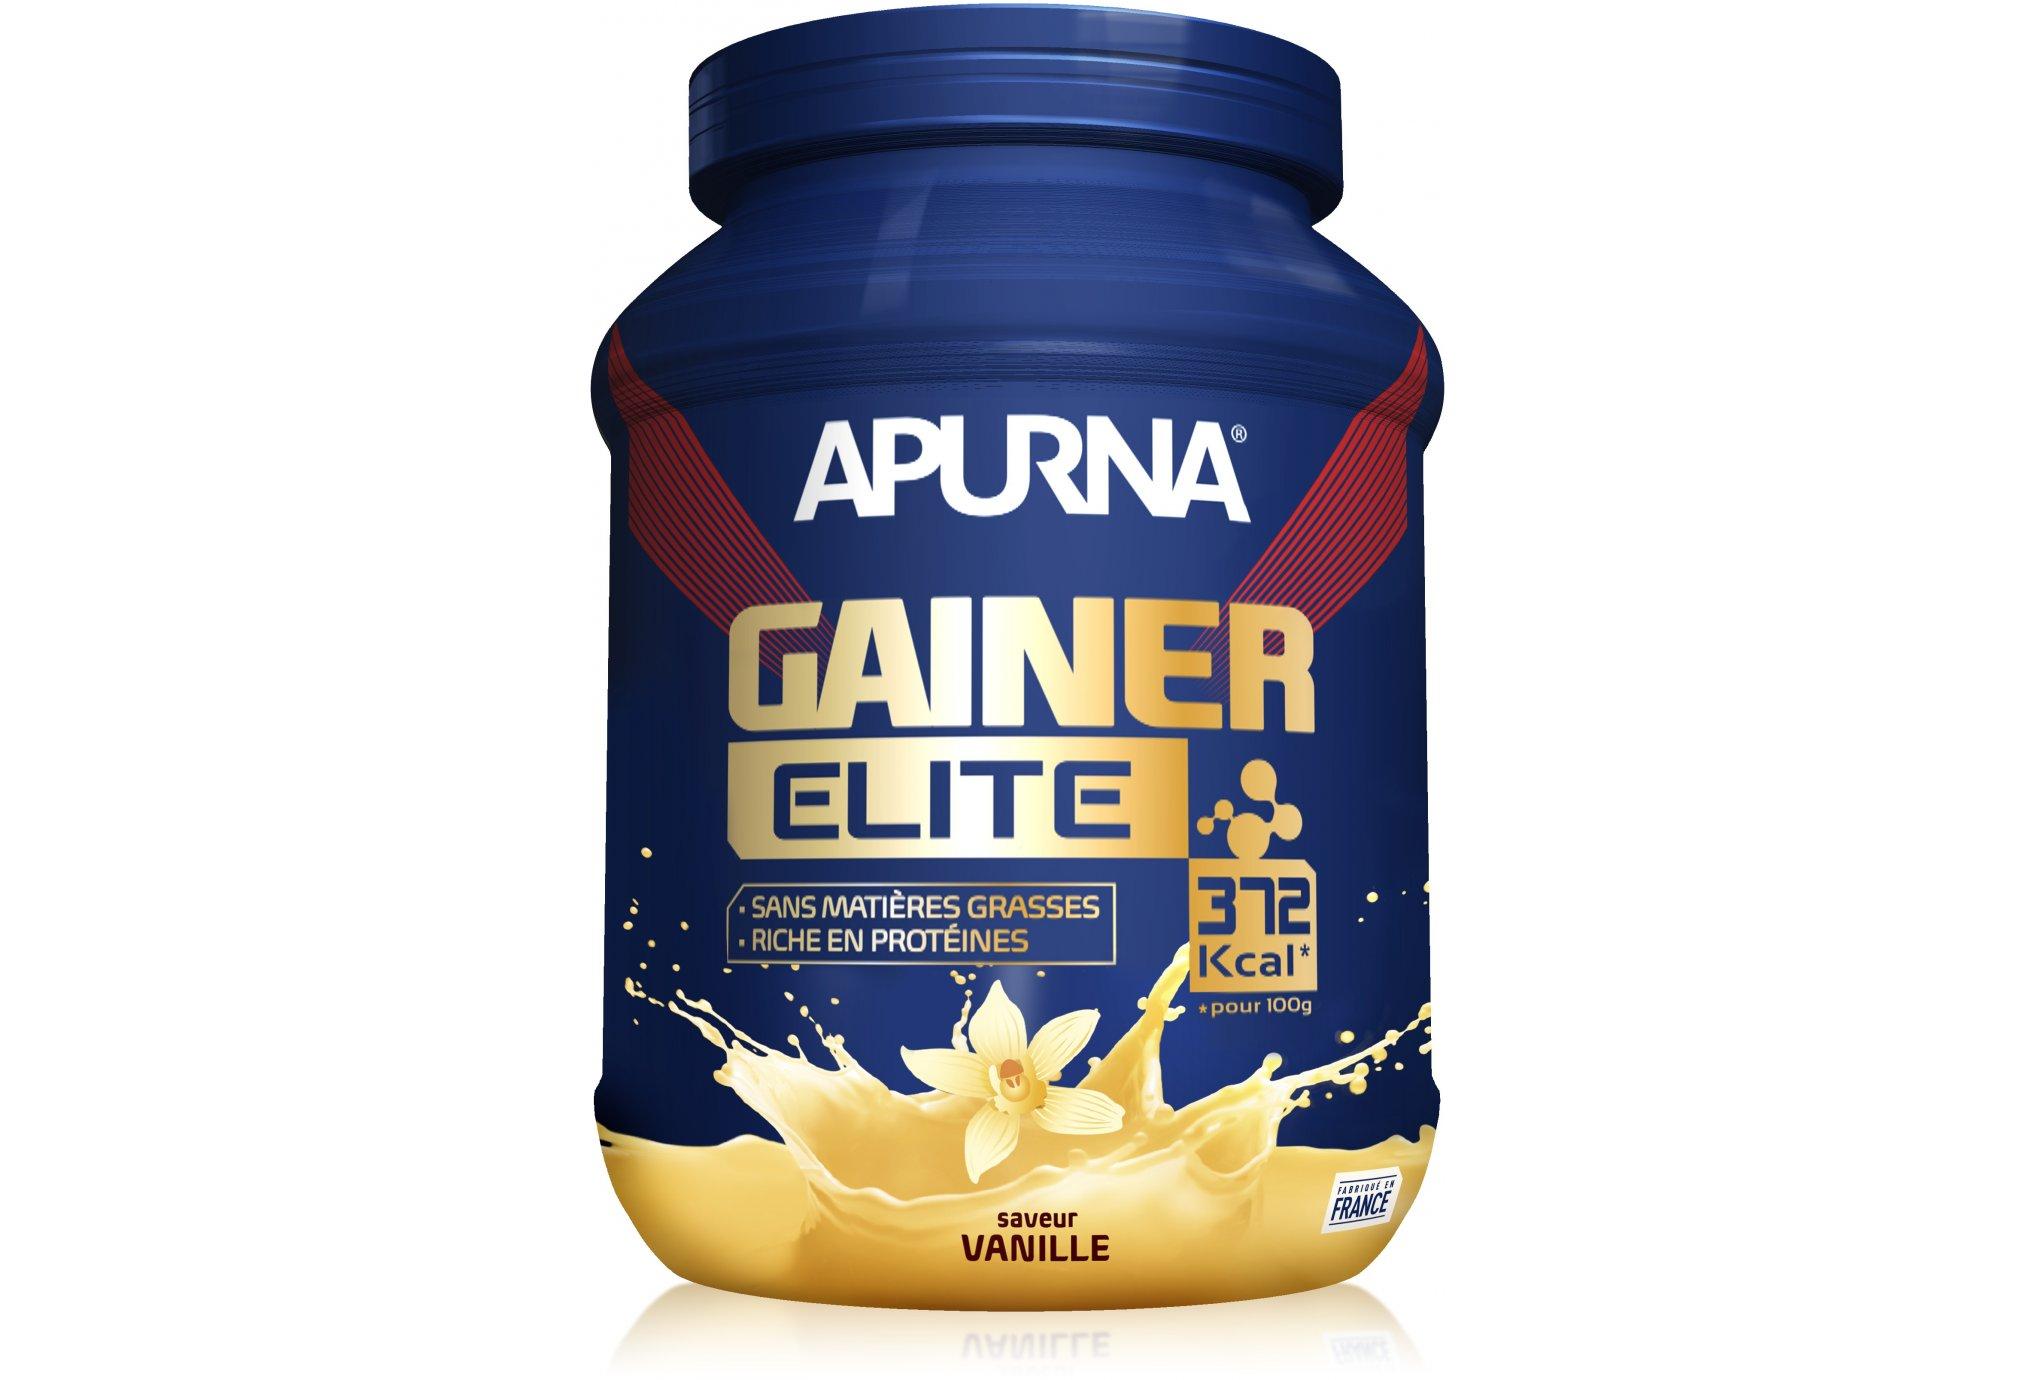 Apurna Mass gainer elite - vanille diététique protéines / récupération